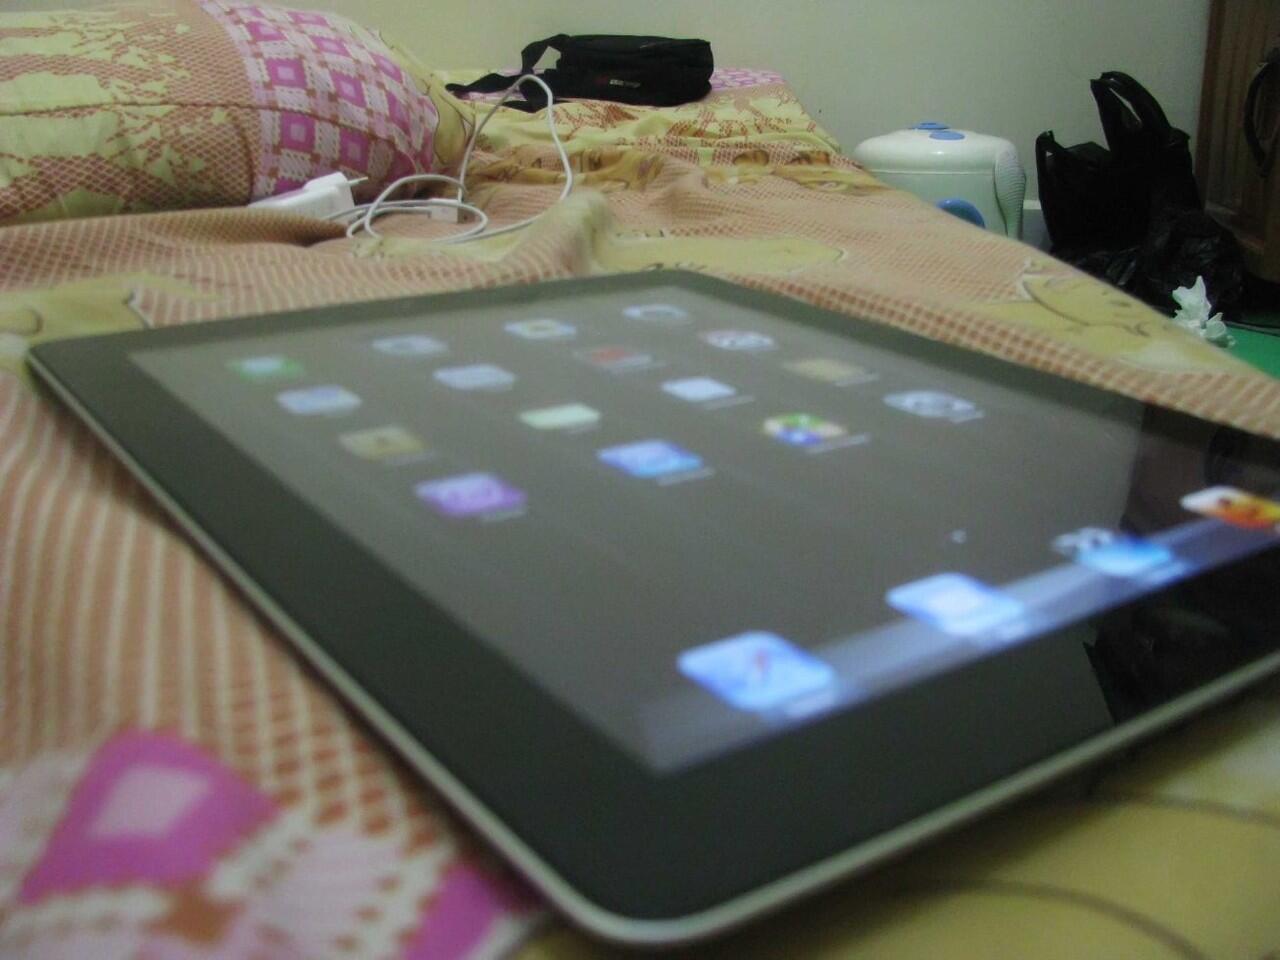 jual iPad 3 Wi-Fi 99,99% mulus [Bandung]